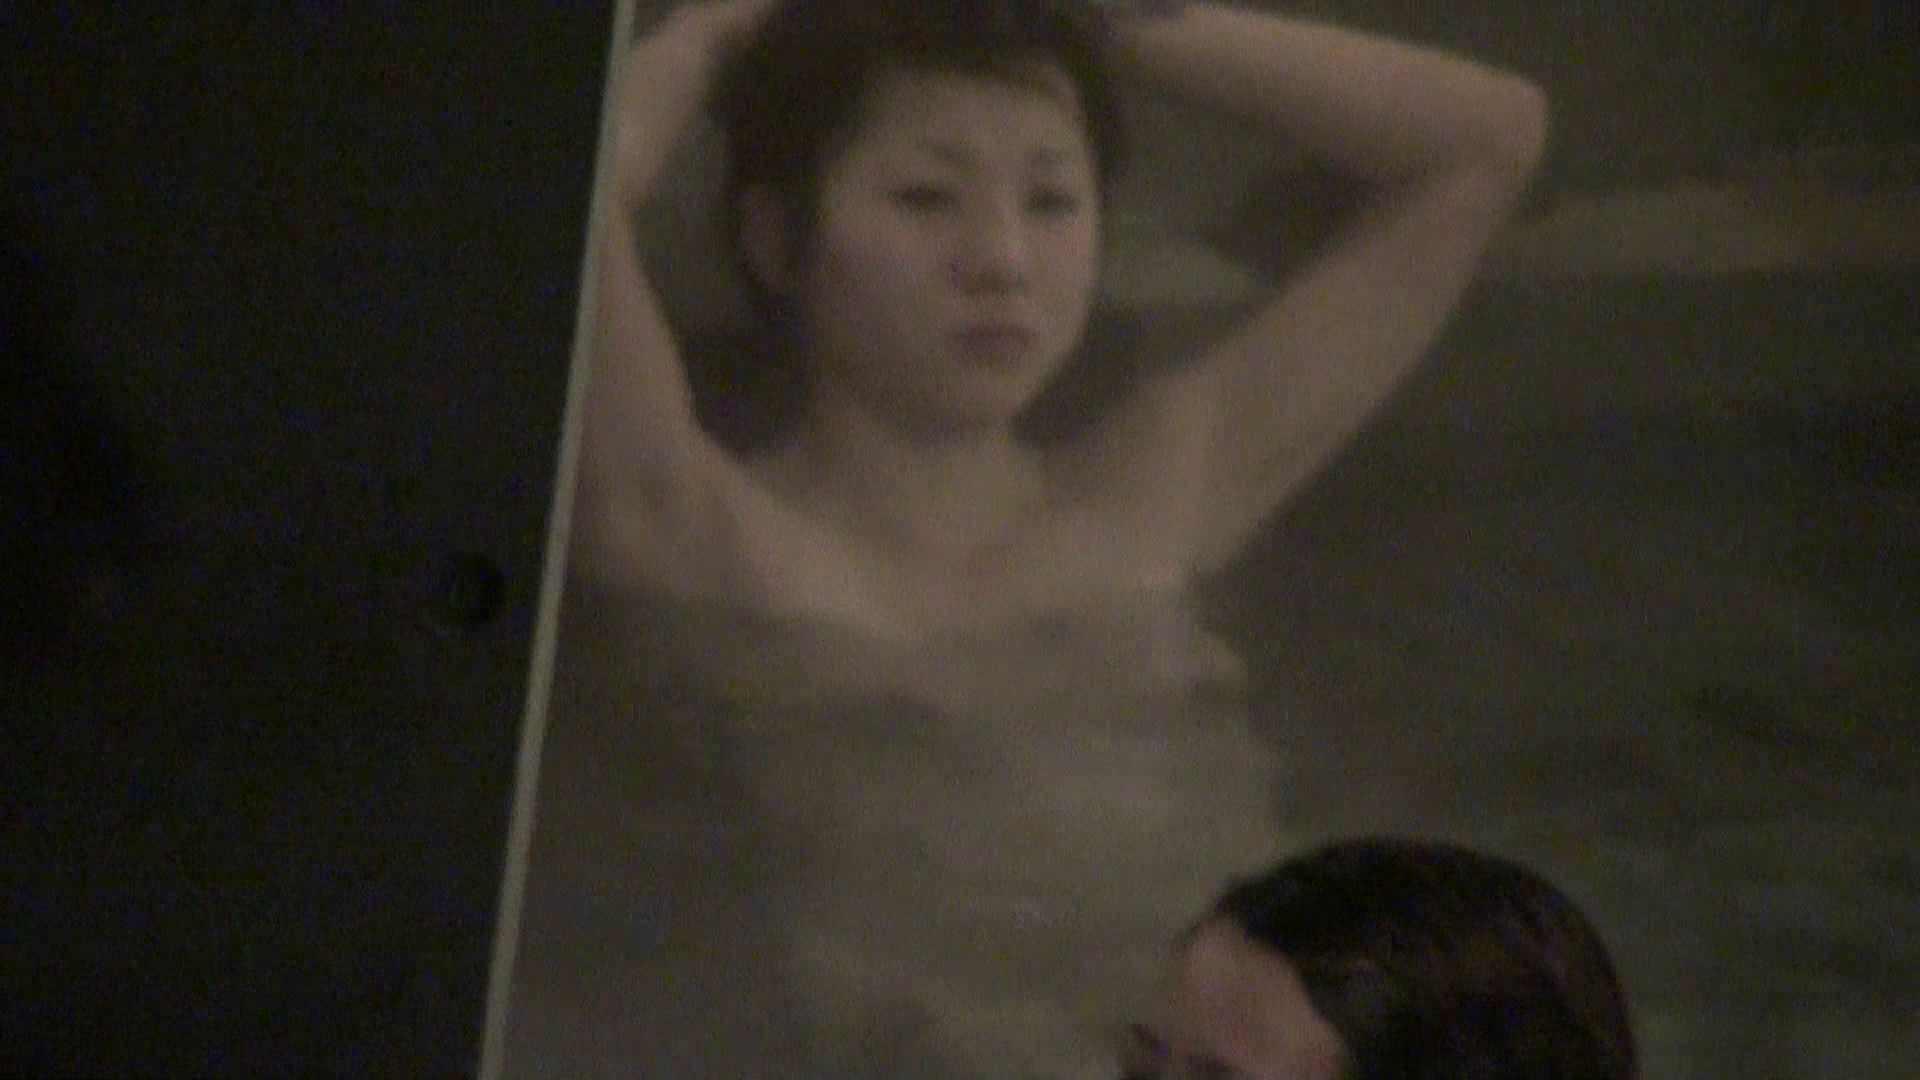 Aquaな露天風呂Vol.440 盗撮 | 露天  63画像 58